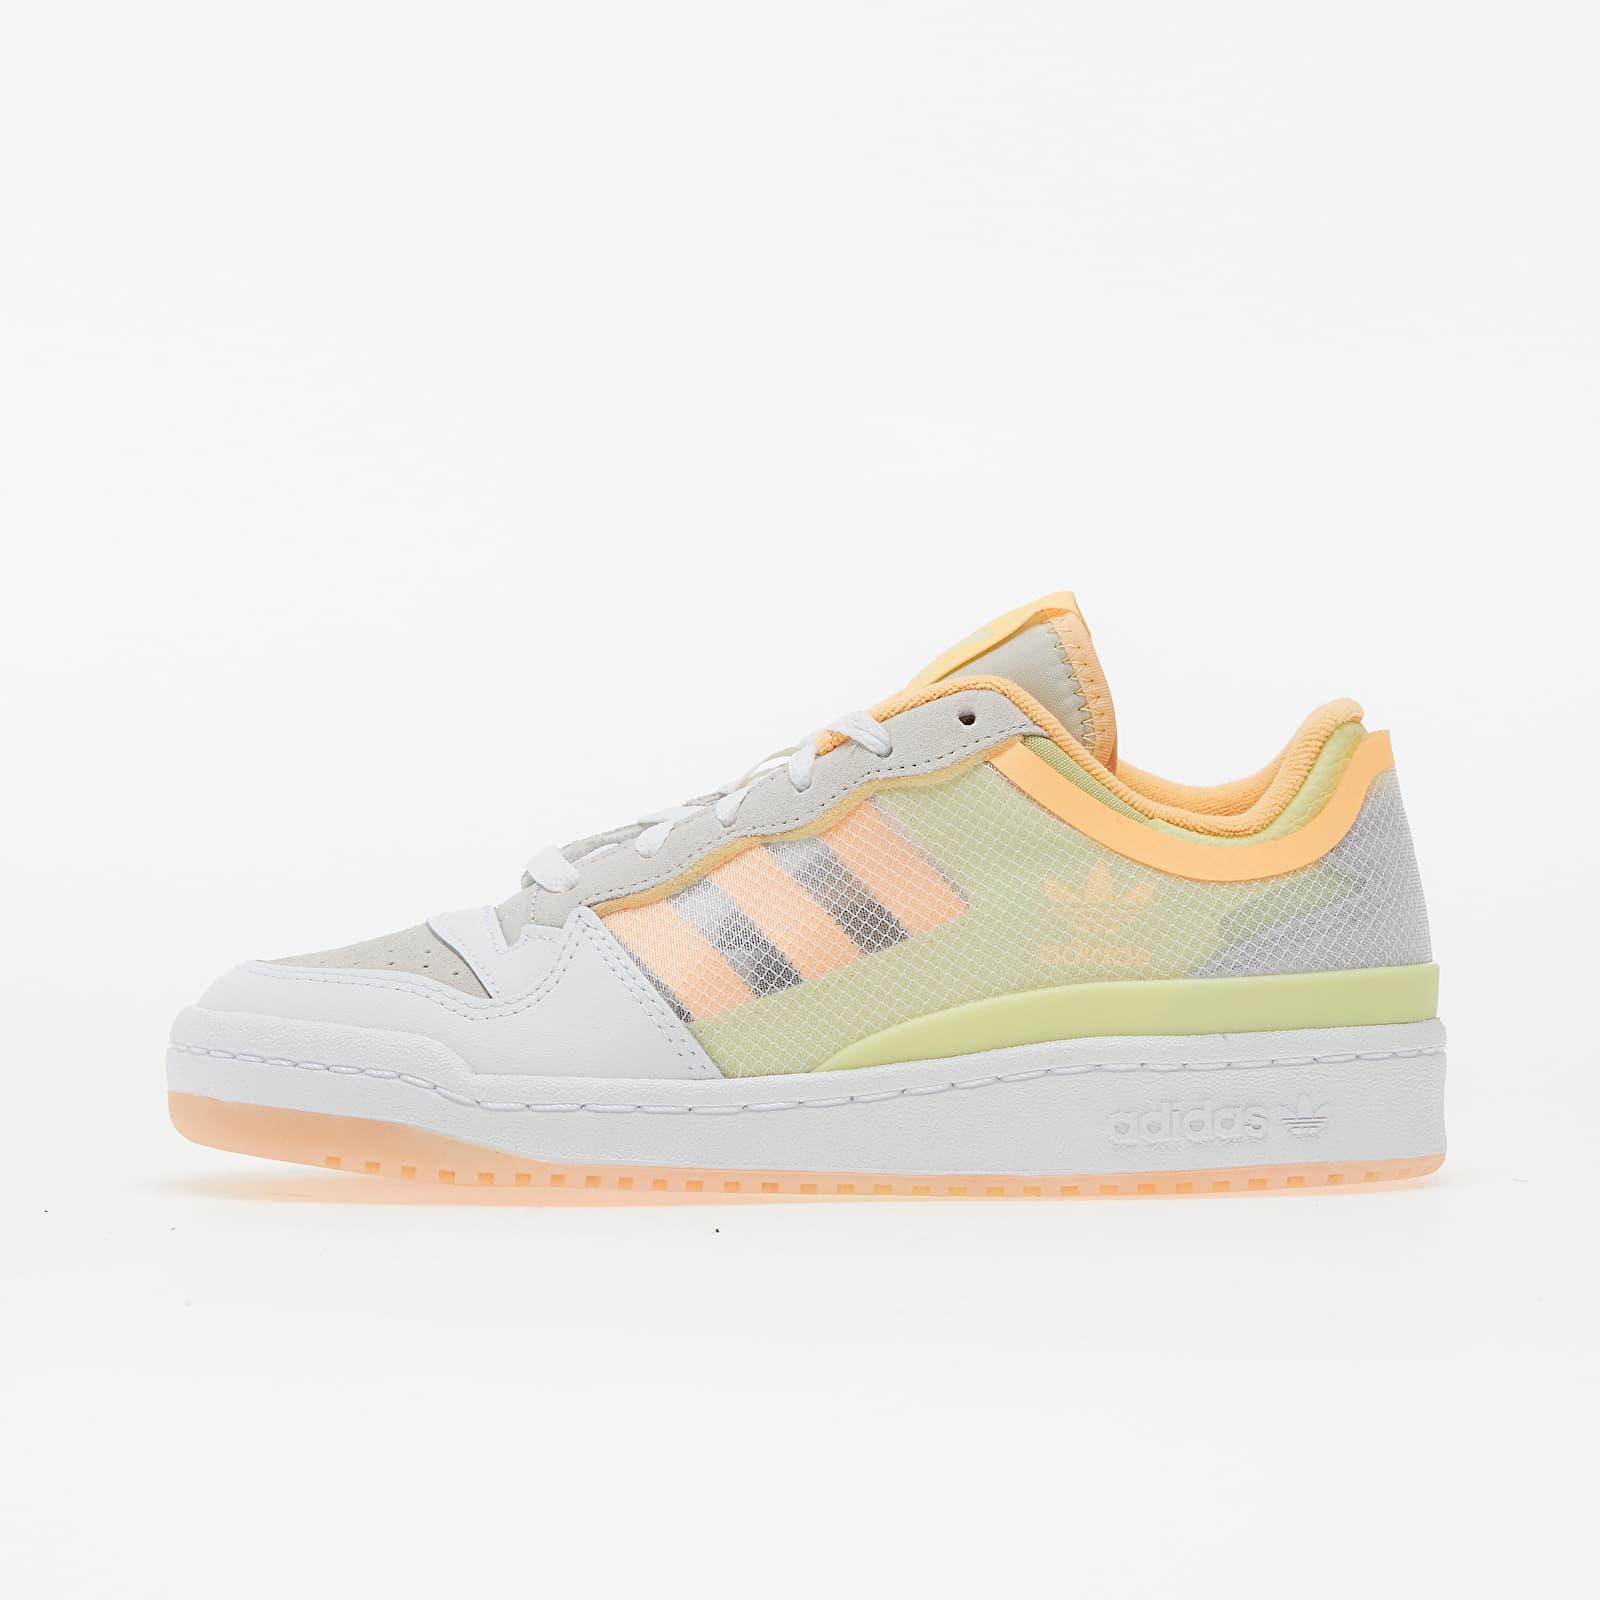 adidas Forum Low TT W Ftw White/ Yellow Tint/ Active Orange EUR 36